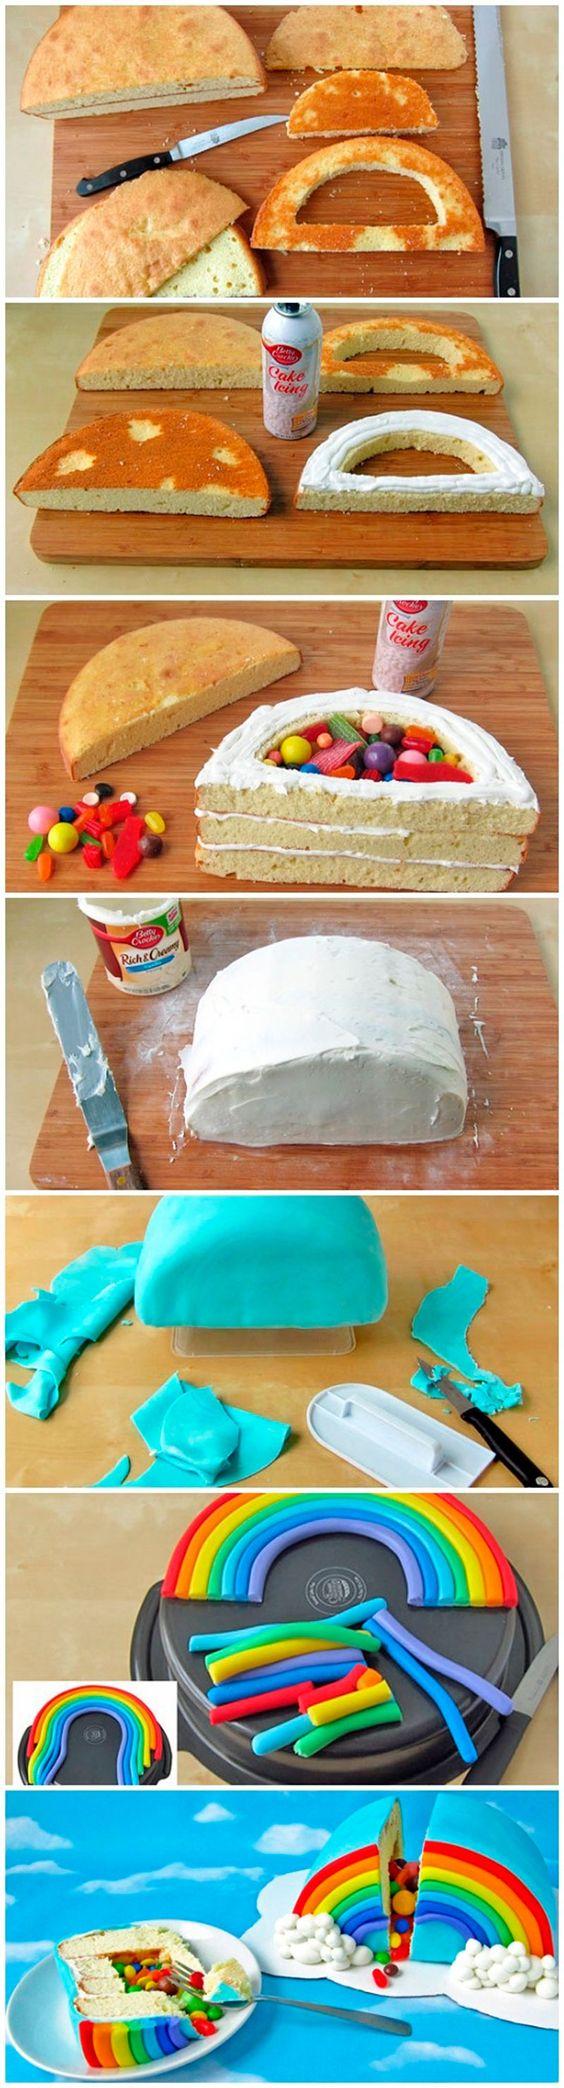 original homemade cake ideas 1